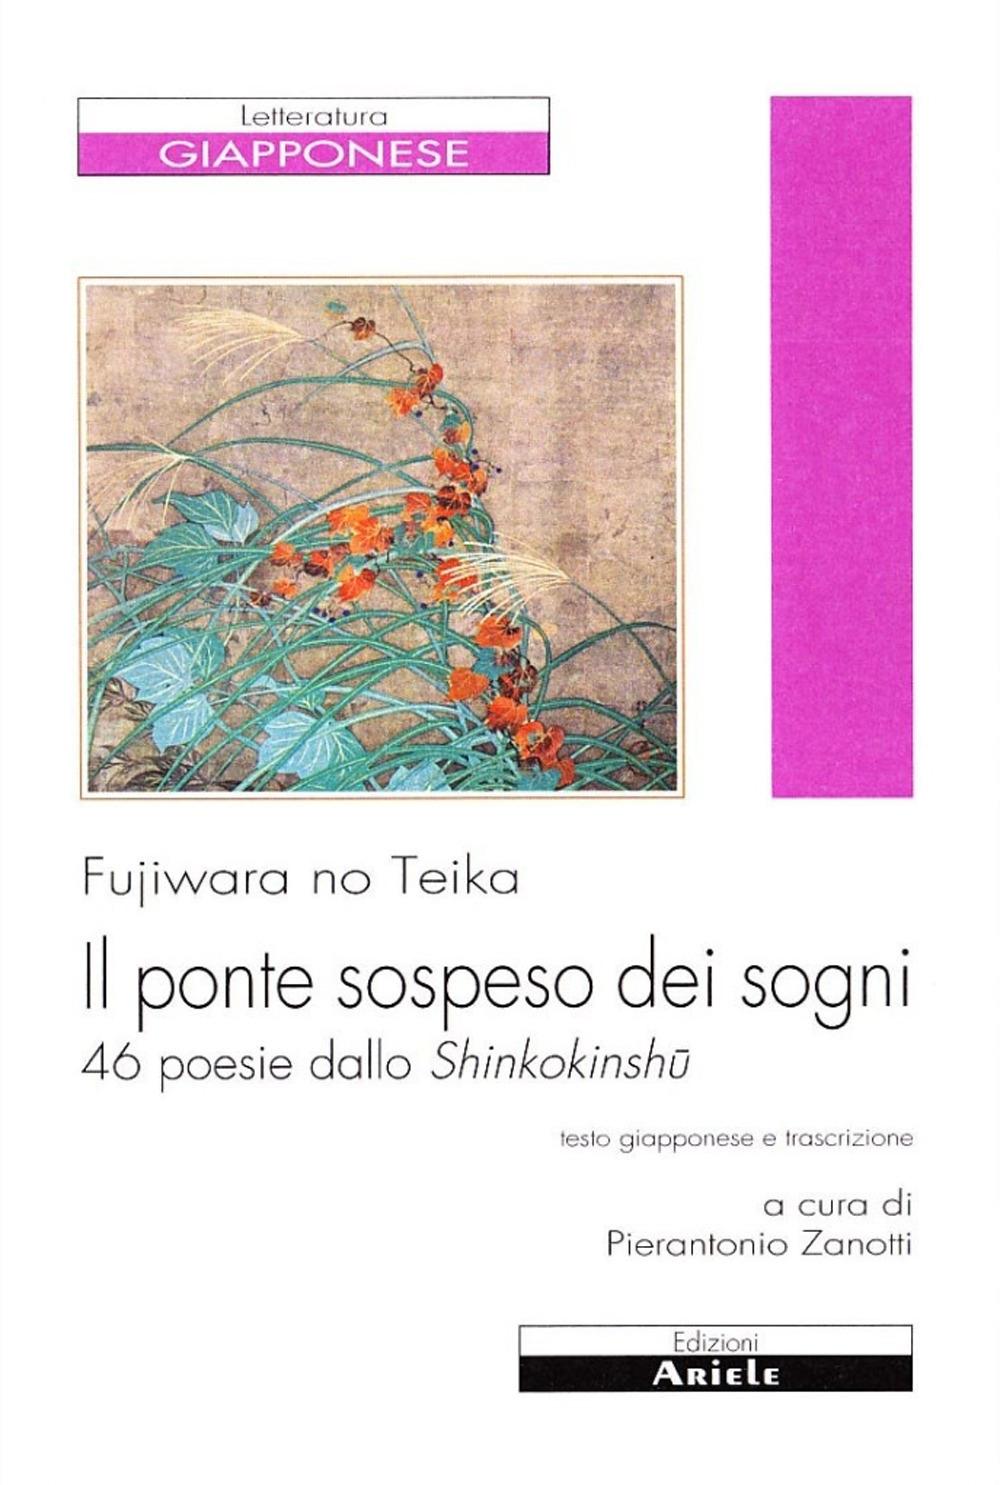 Il ponte sospeso dei sogni. 46 poesie dallo Shinkokinshu